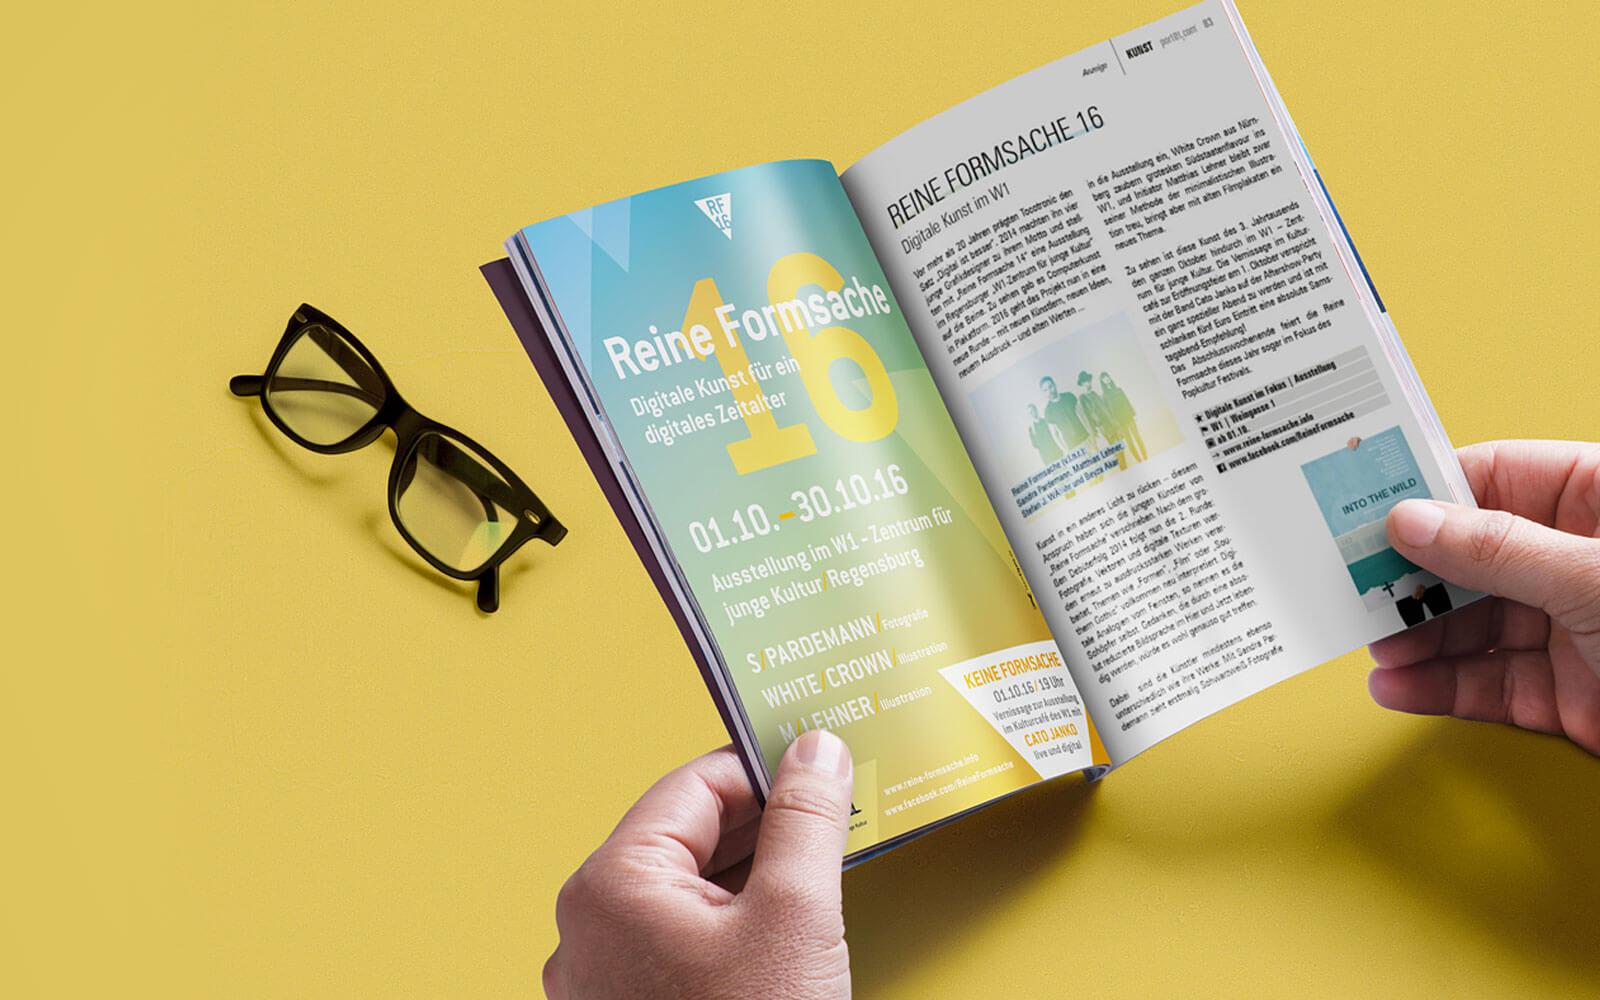 Reine Formsache 16 – Anzeige im Port01